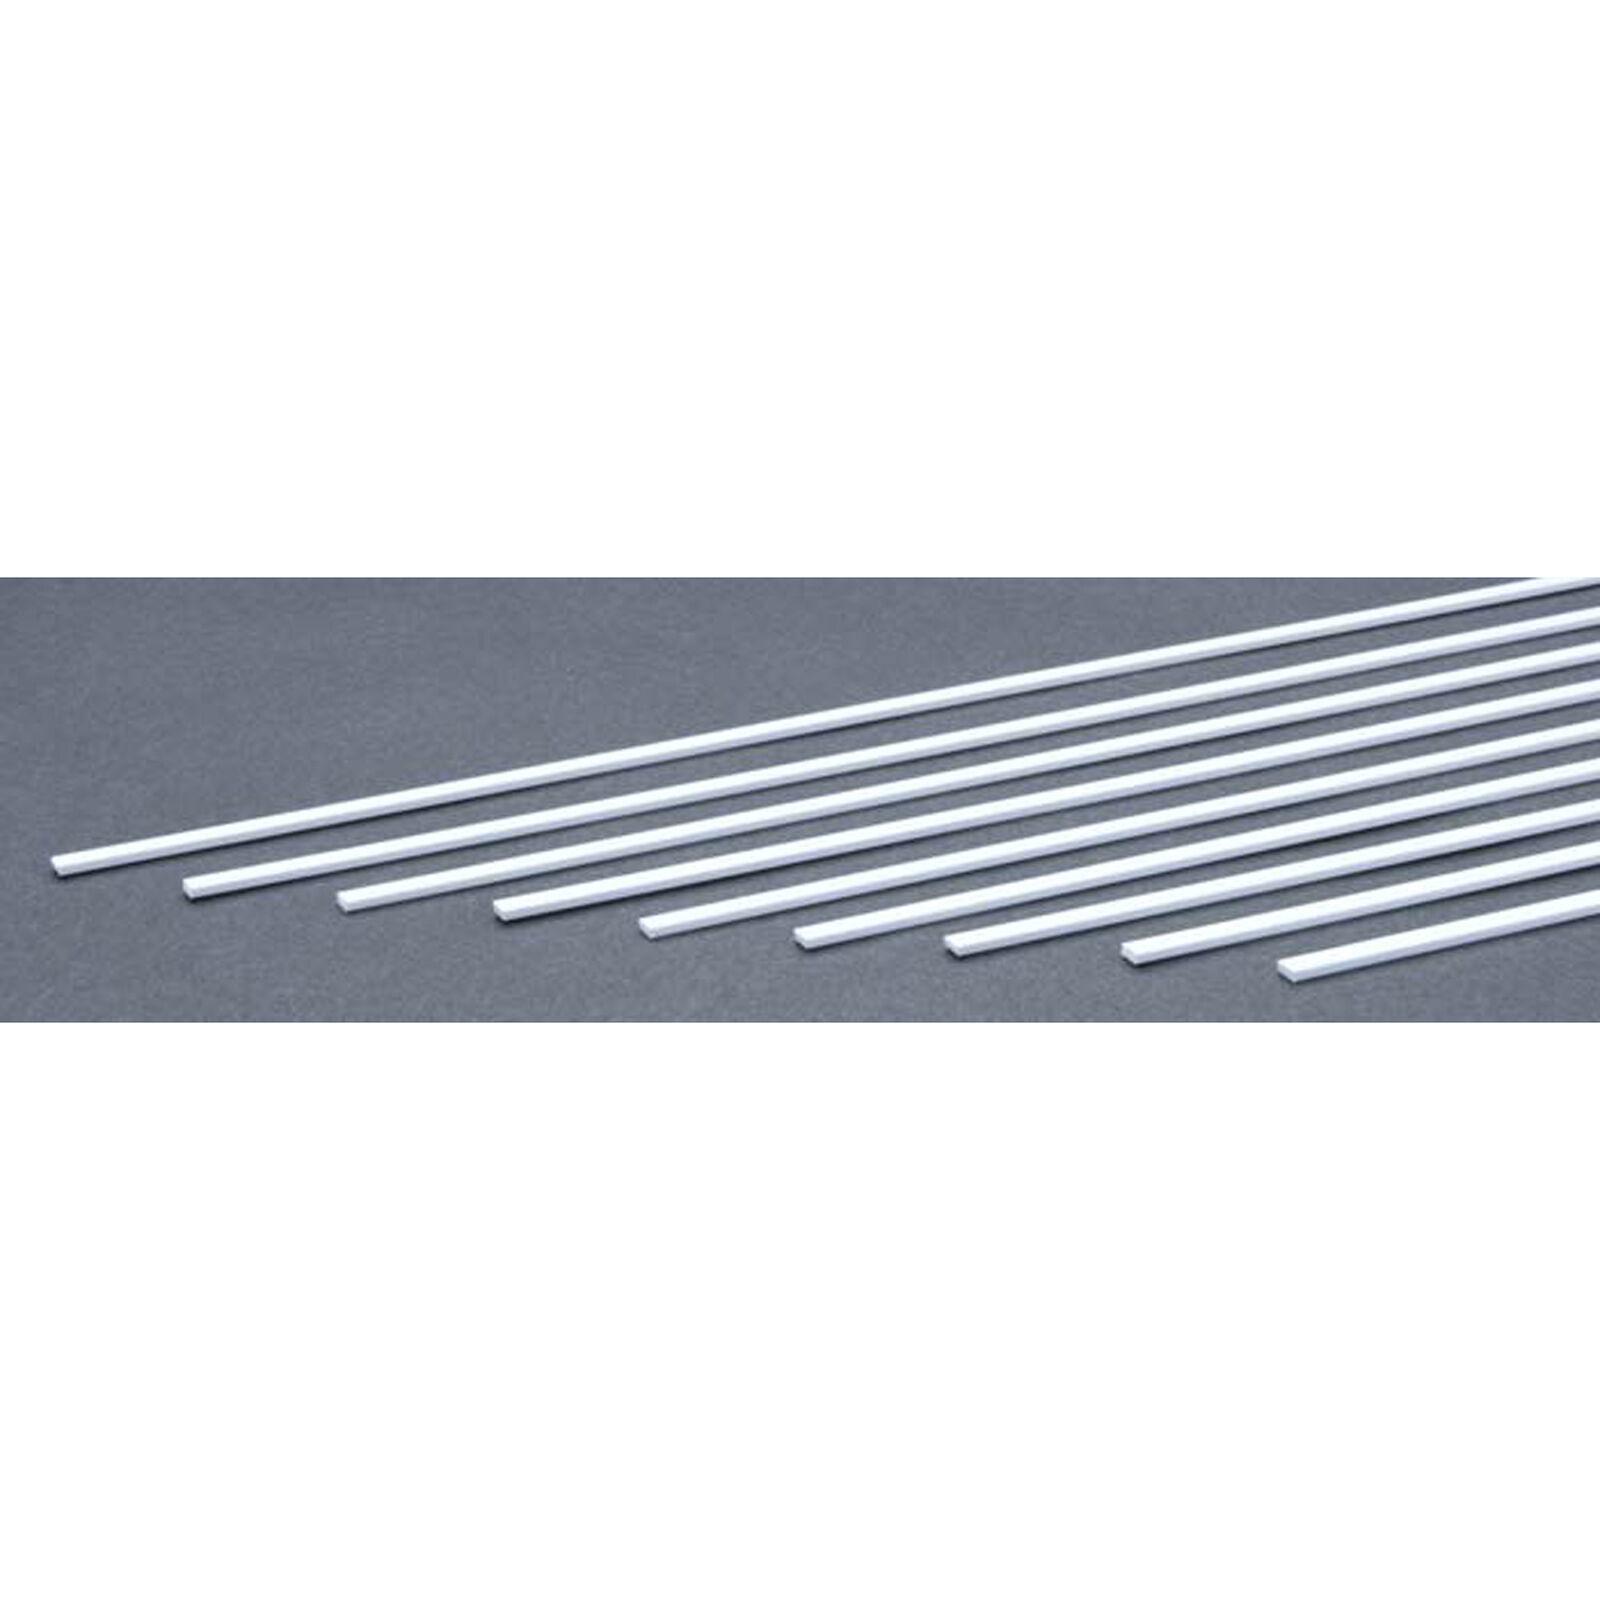 Strip .060 x .156 (9)